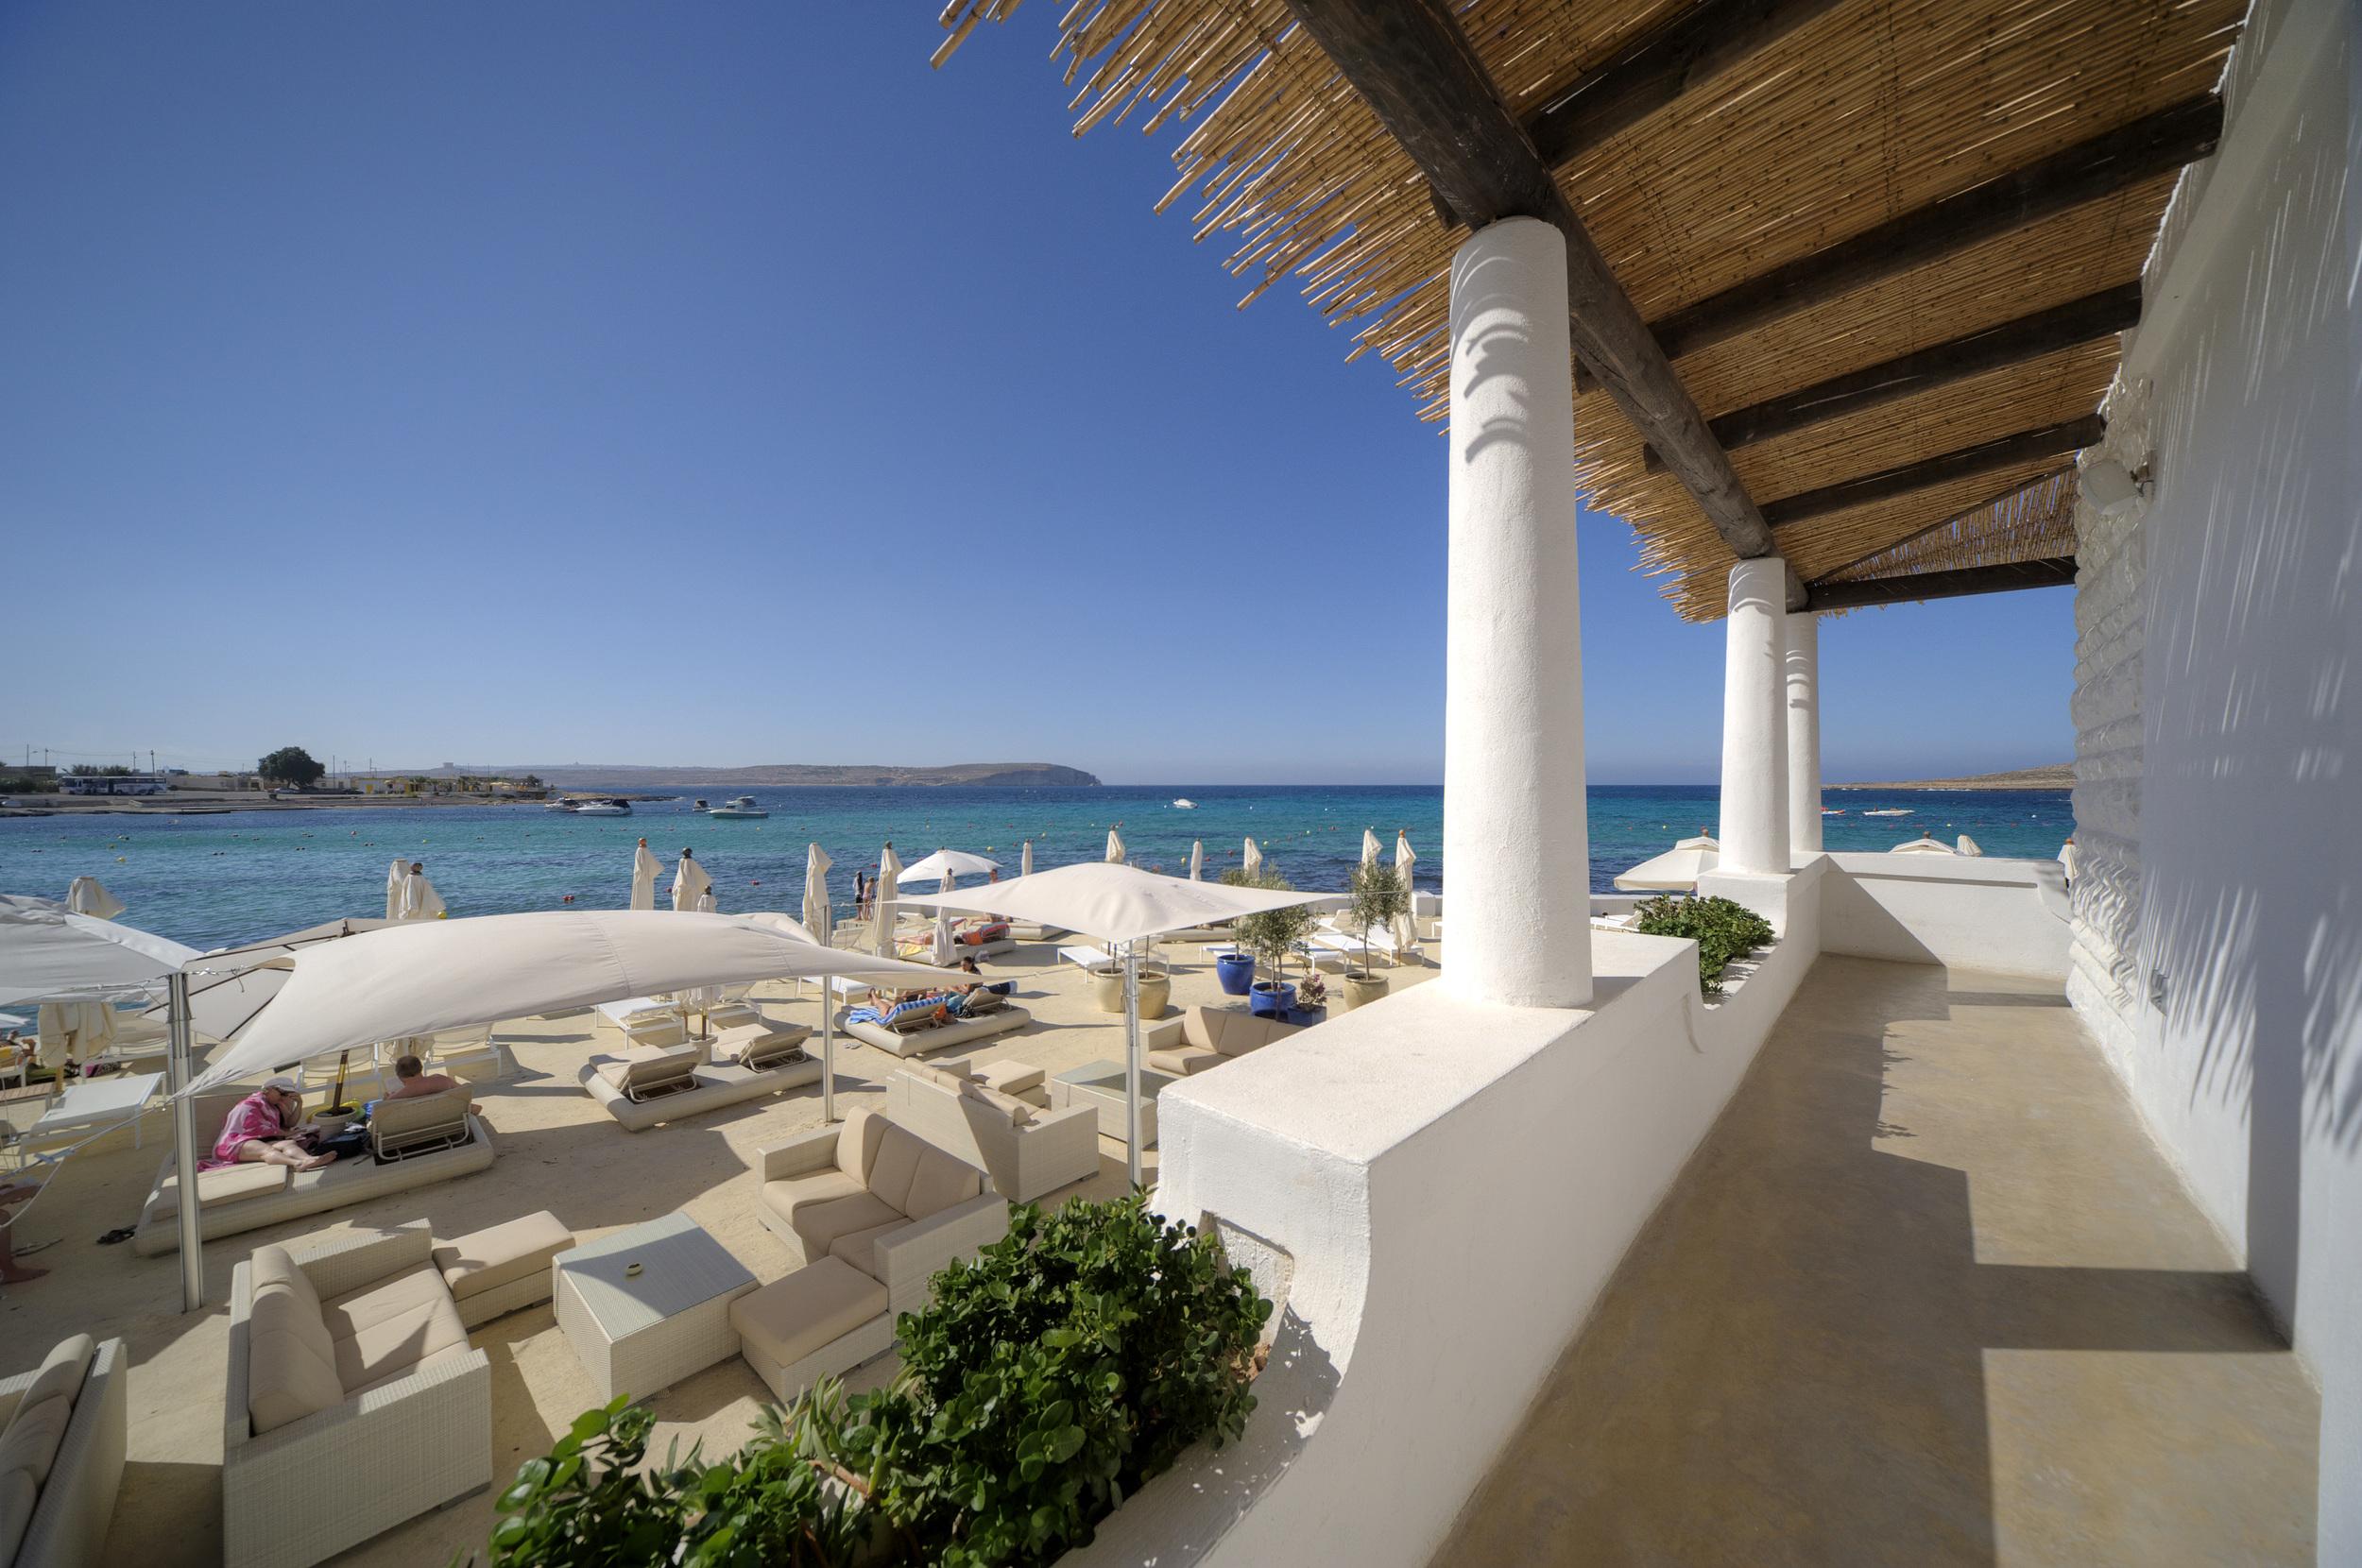 4. Baia Beach Club, Little Armier